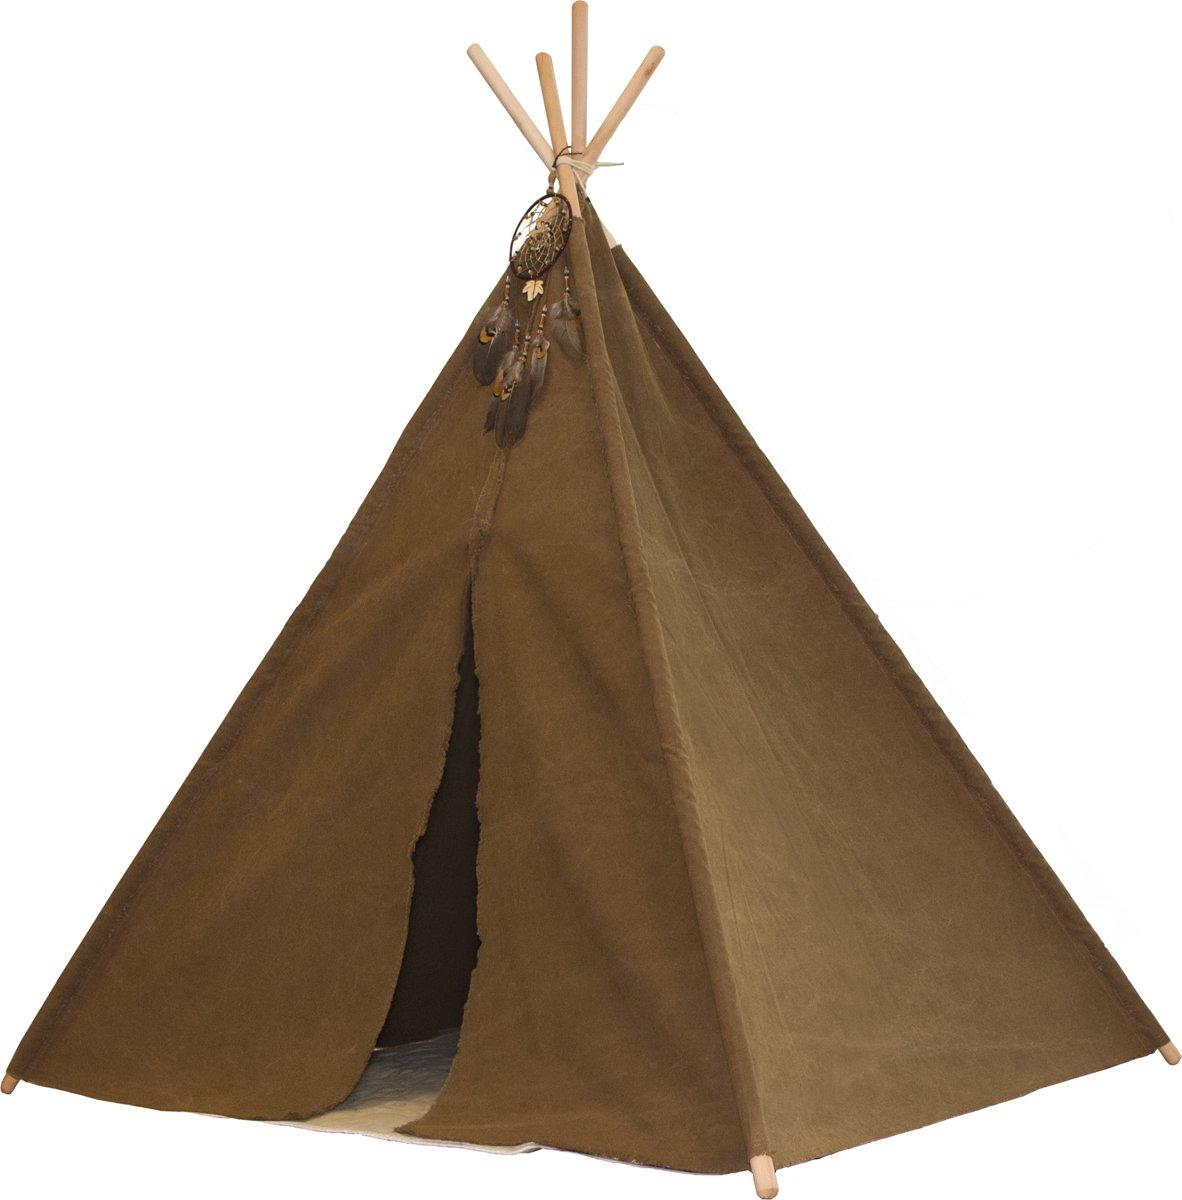 Indian Teepee Tent - Tipi tent met Kleed & Droomvanger - Indianentent - Bruin - FSC houten palen